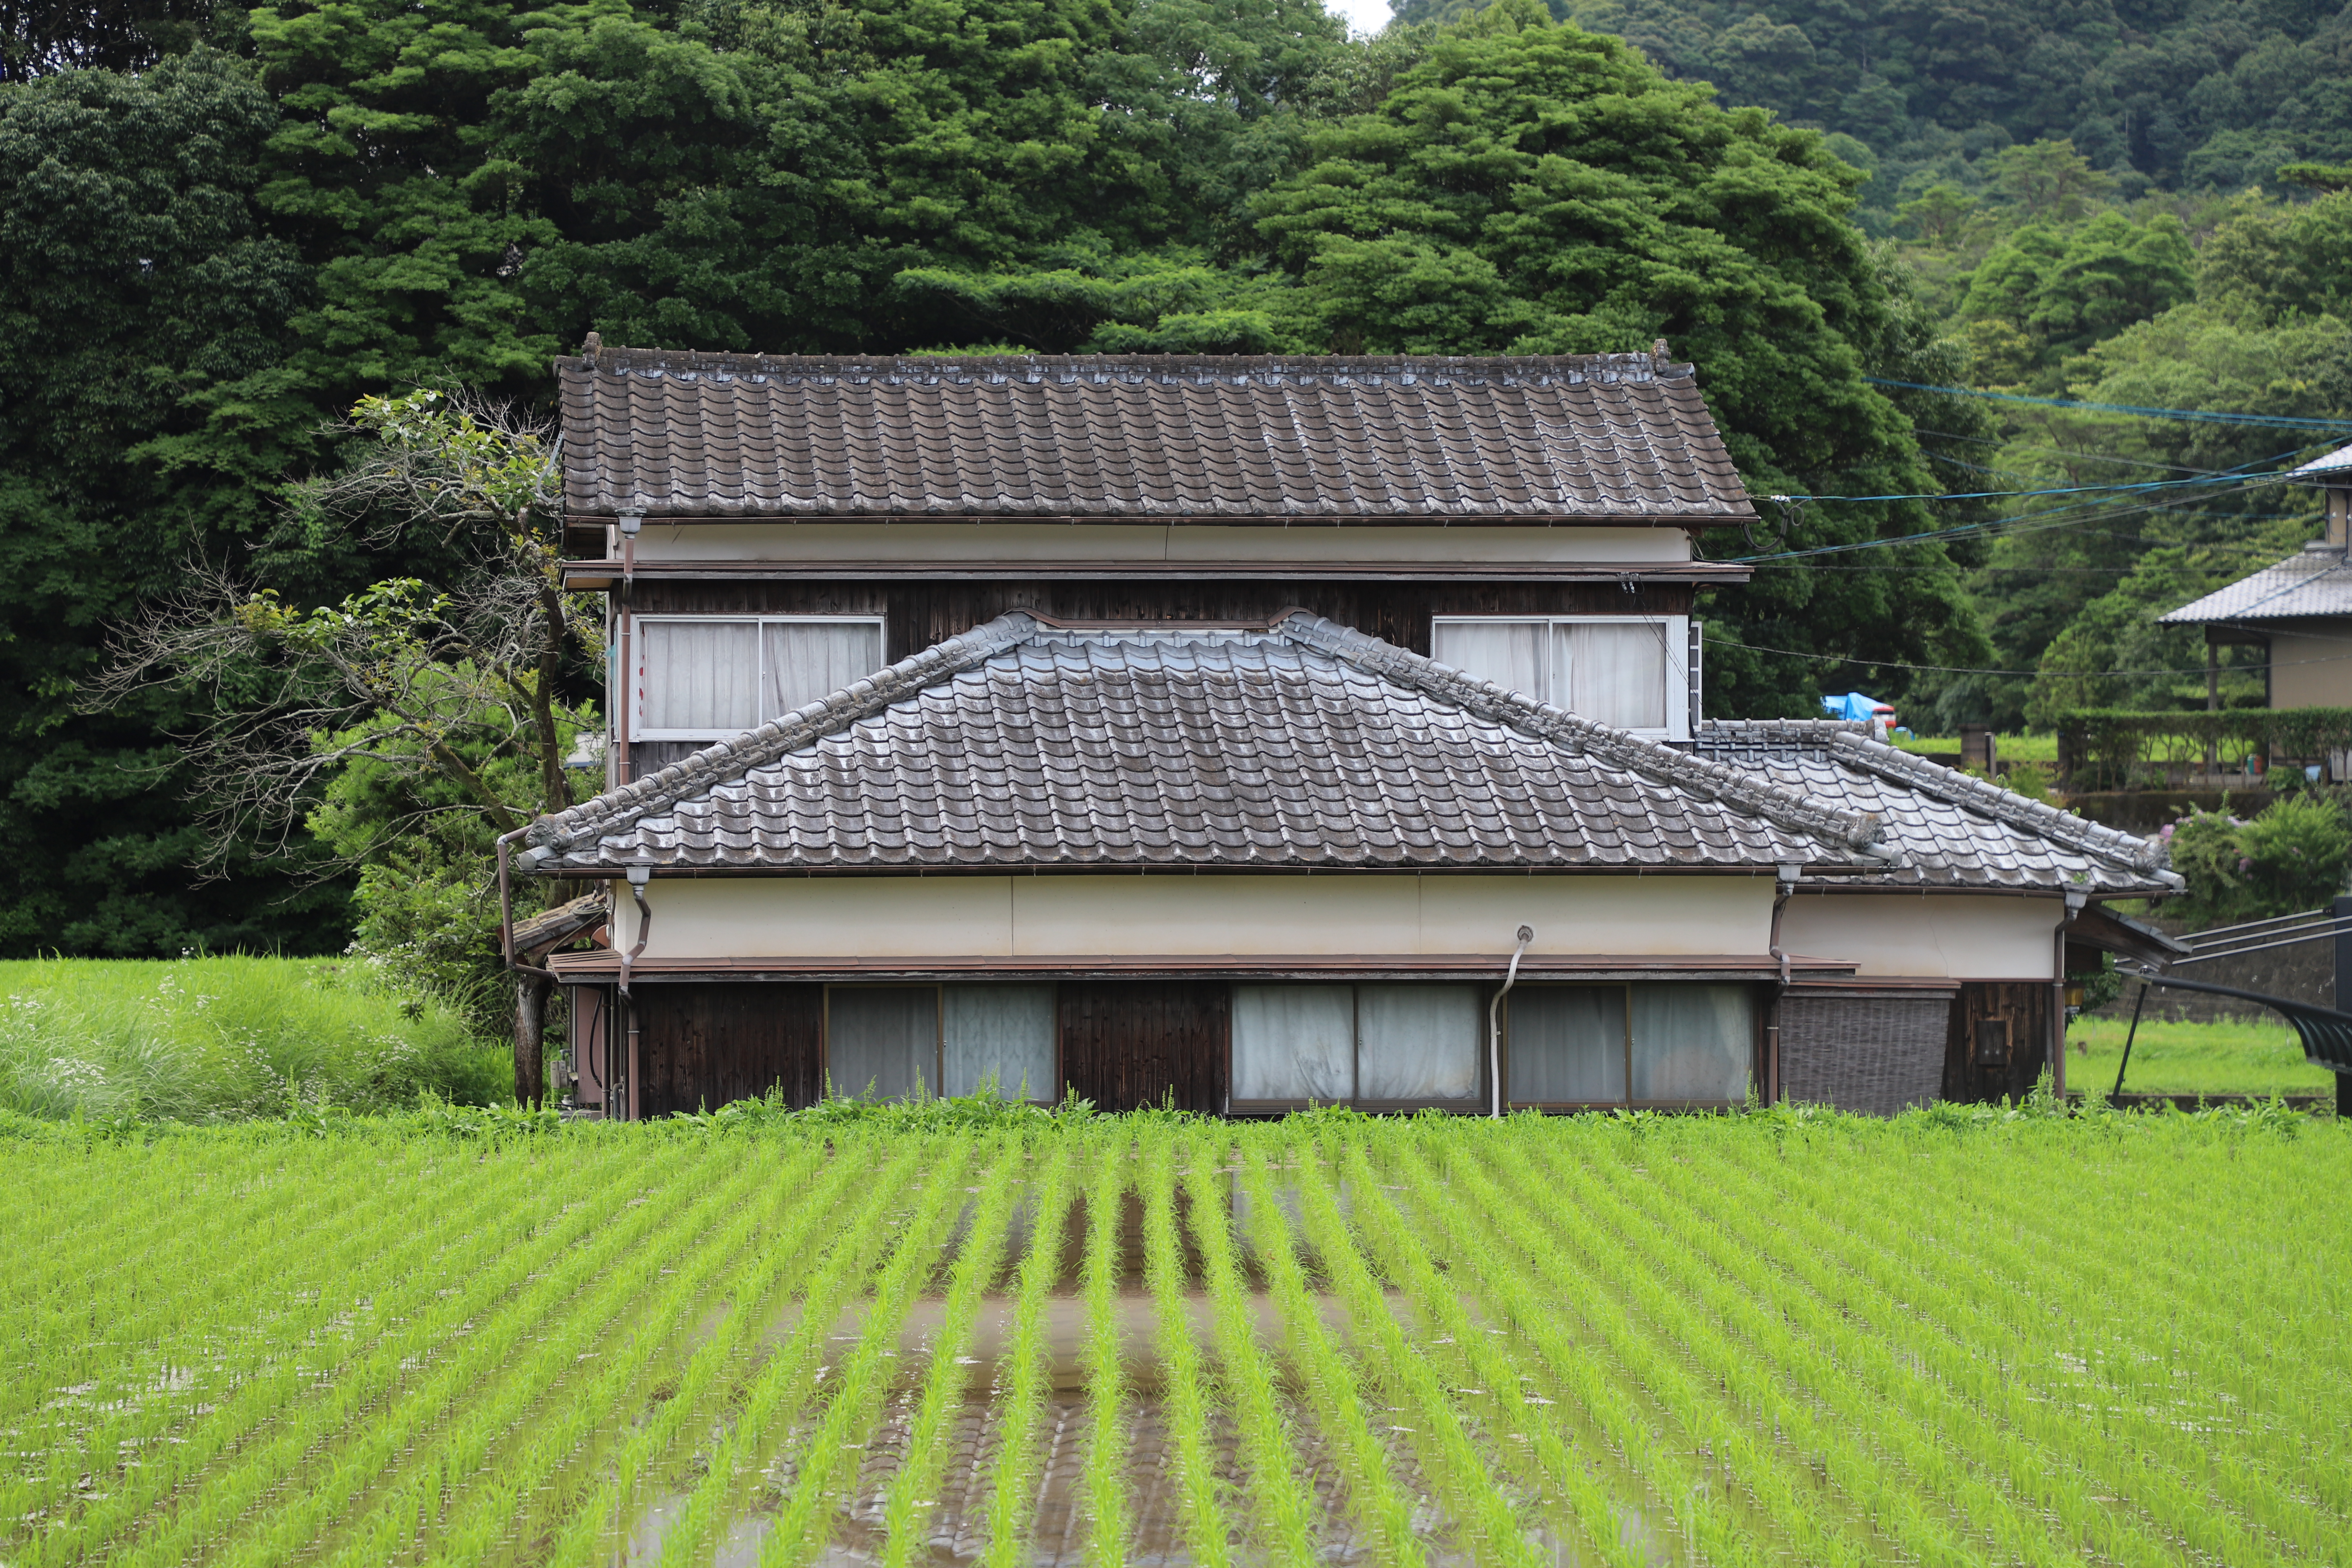 Ο Γιάννης Γκίκας πέρασε 3 μήνες σ΄ένα παλιό Ιαπωνικό σπίτι στην πλαγιά ενός καταπράσινου βουνού.